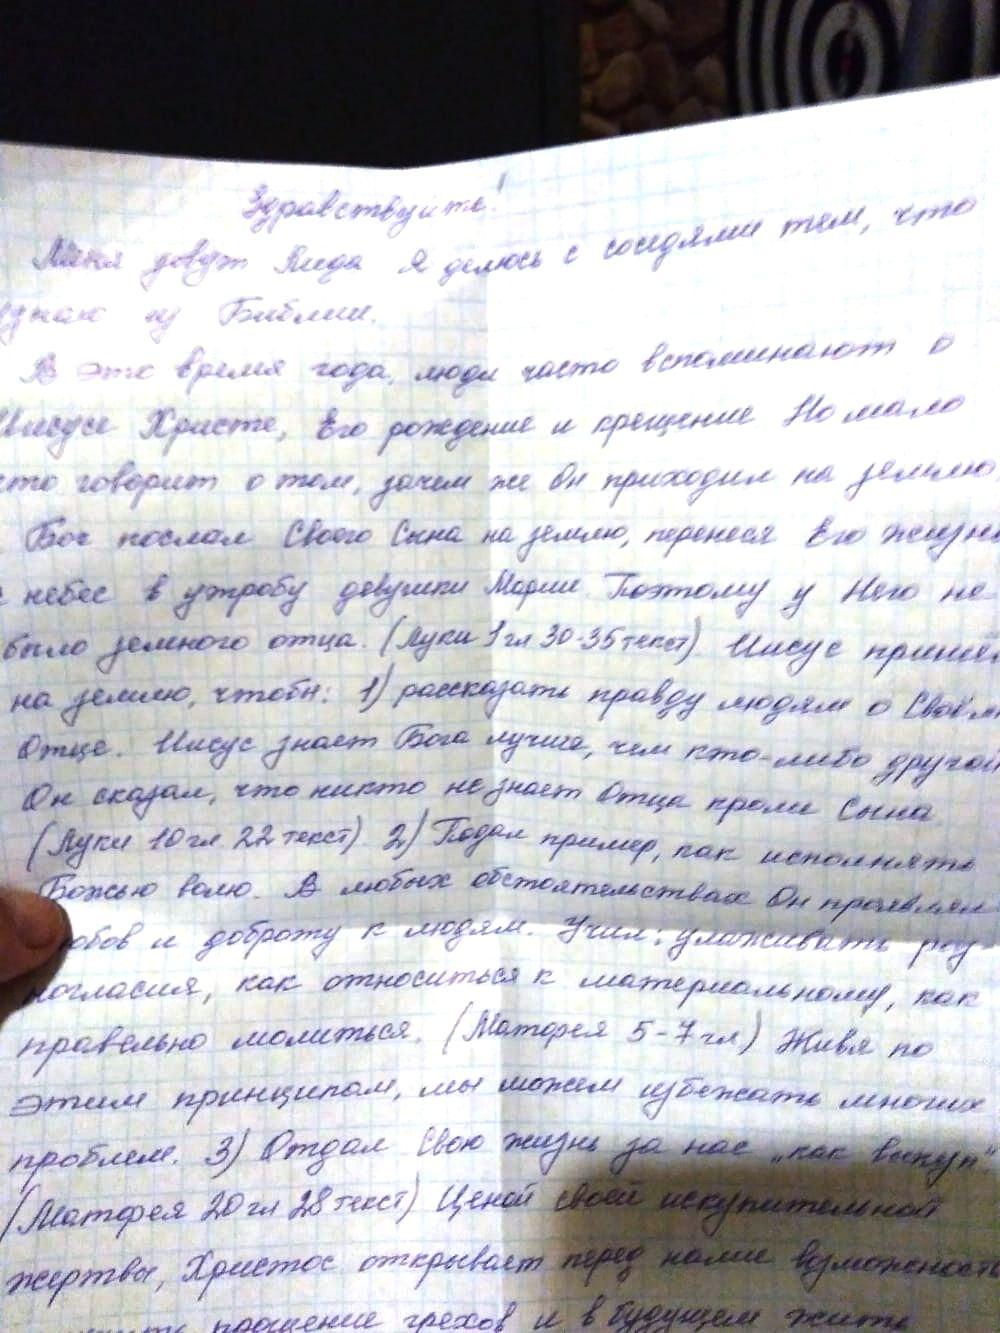 Жители Фрунзенского района Ярославля сообщают о подозрительных письмах религиозного содержания